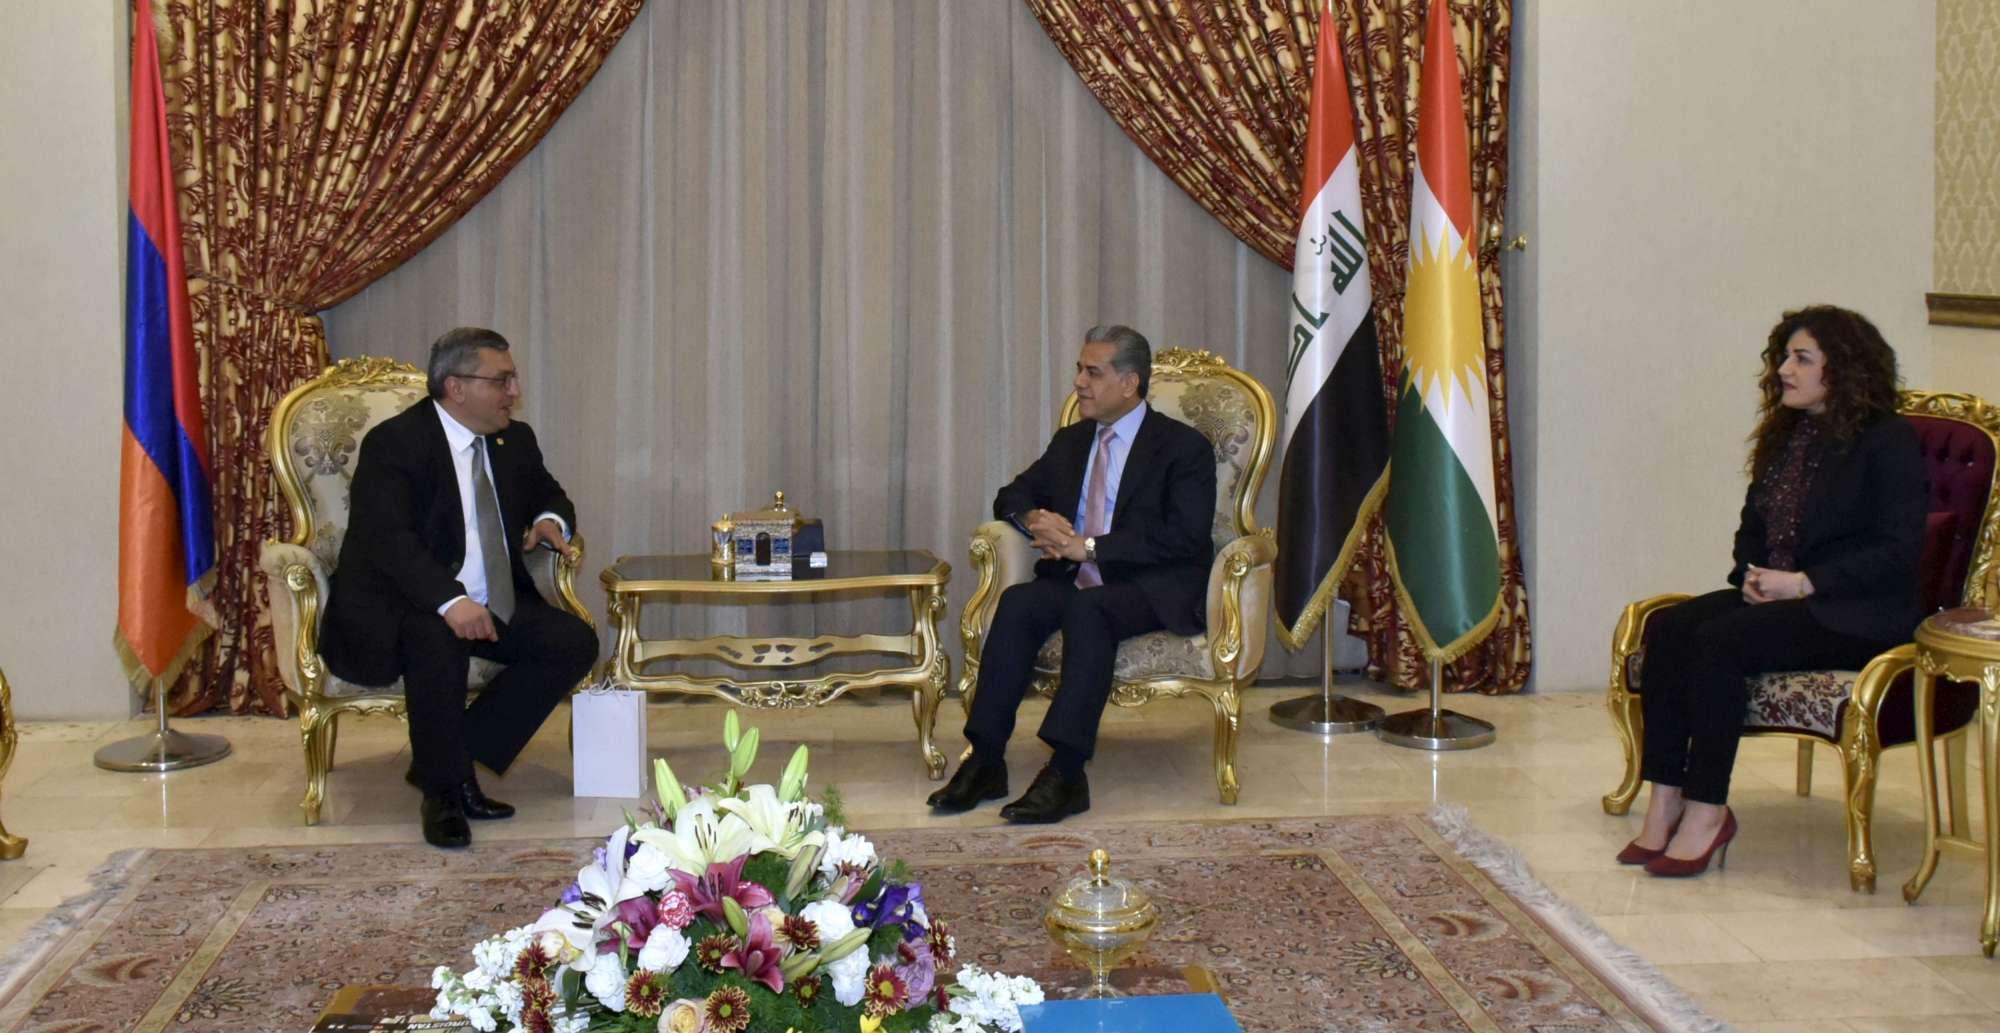 Ermenistan, Erbil'de Konsolosluk açacağını duyurdu